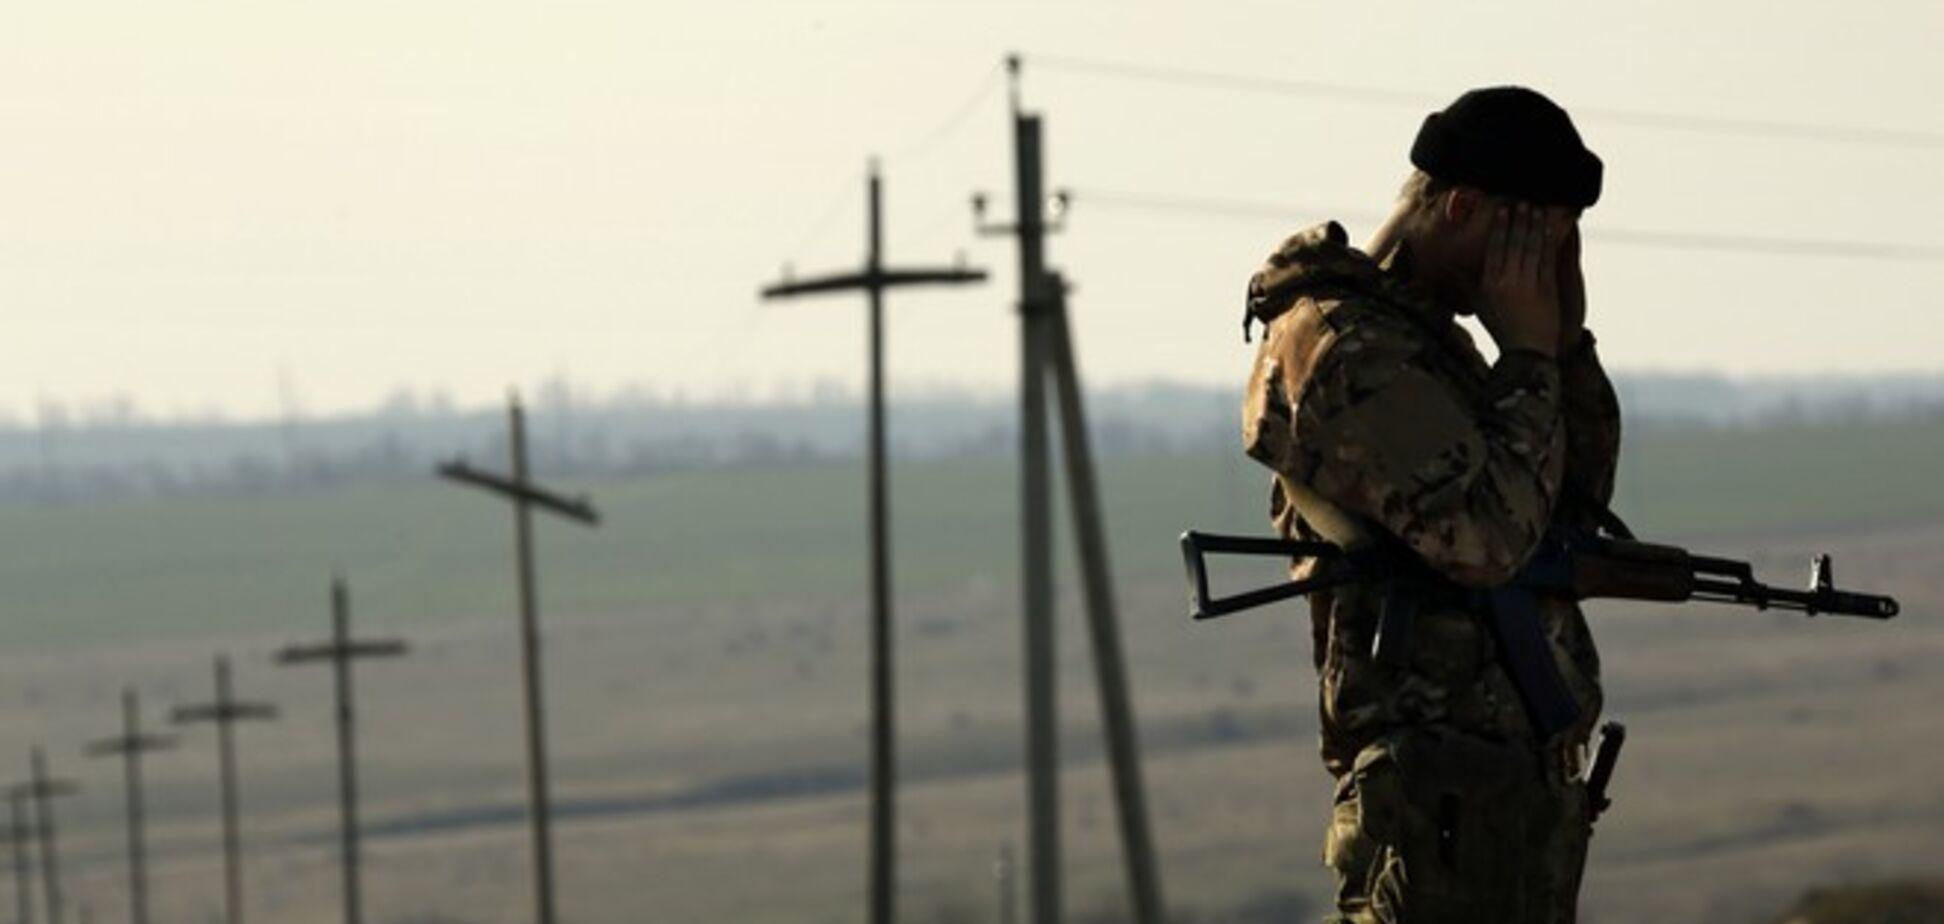 Россия готовит провокации на украинской границе: в Ростовской области выявлены танки с украинской символикой